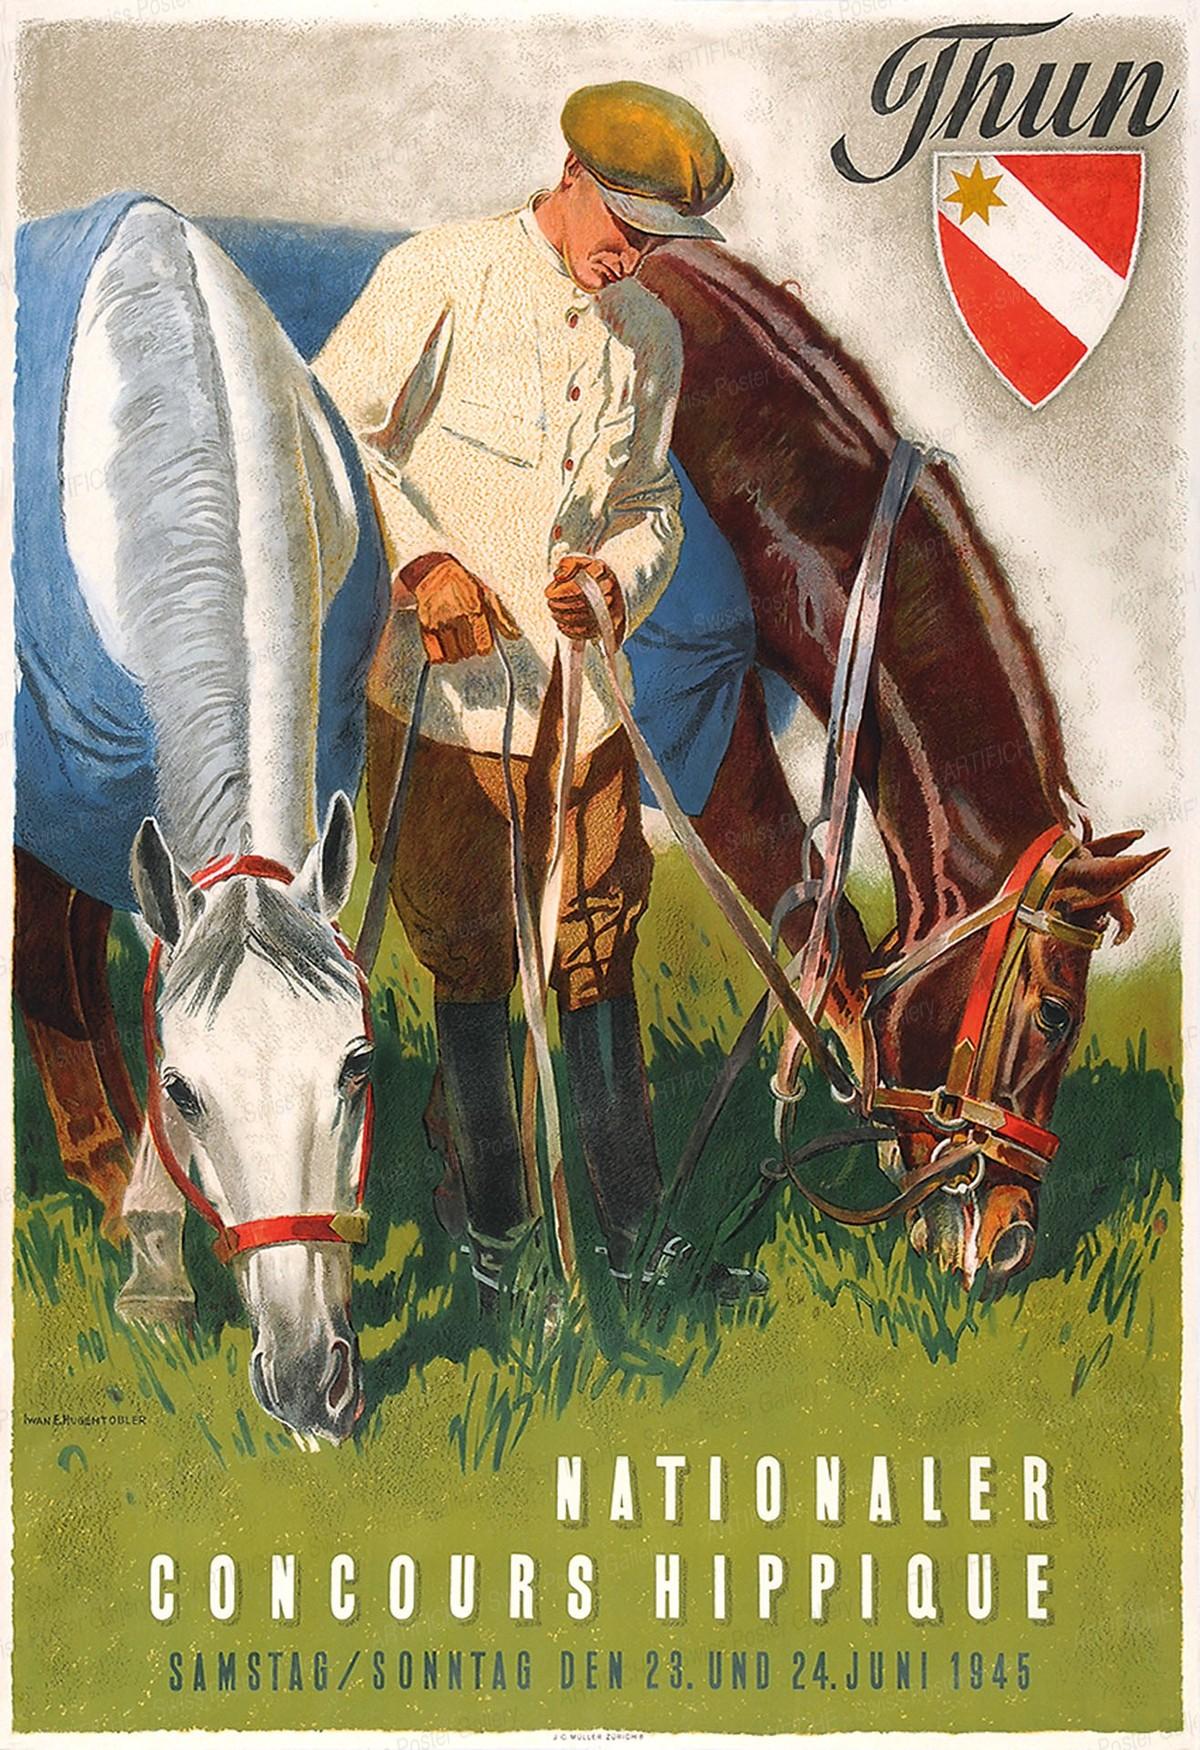 Nationaler Concours Hippique – Thun 1945, Iwan Edwin Hugentobler